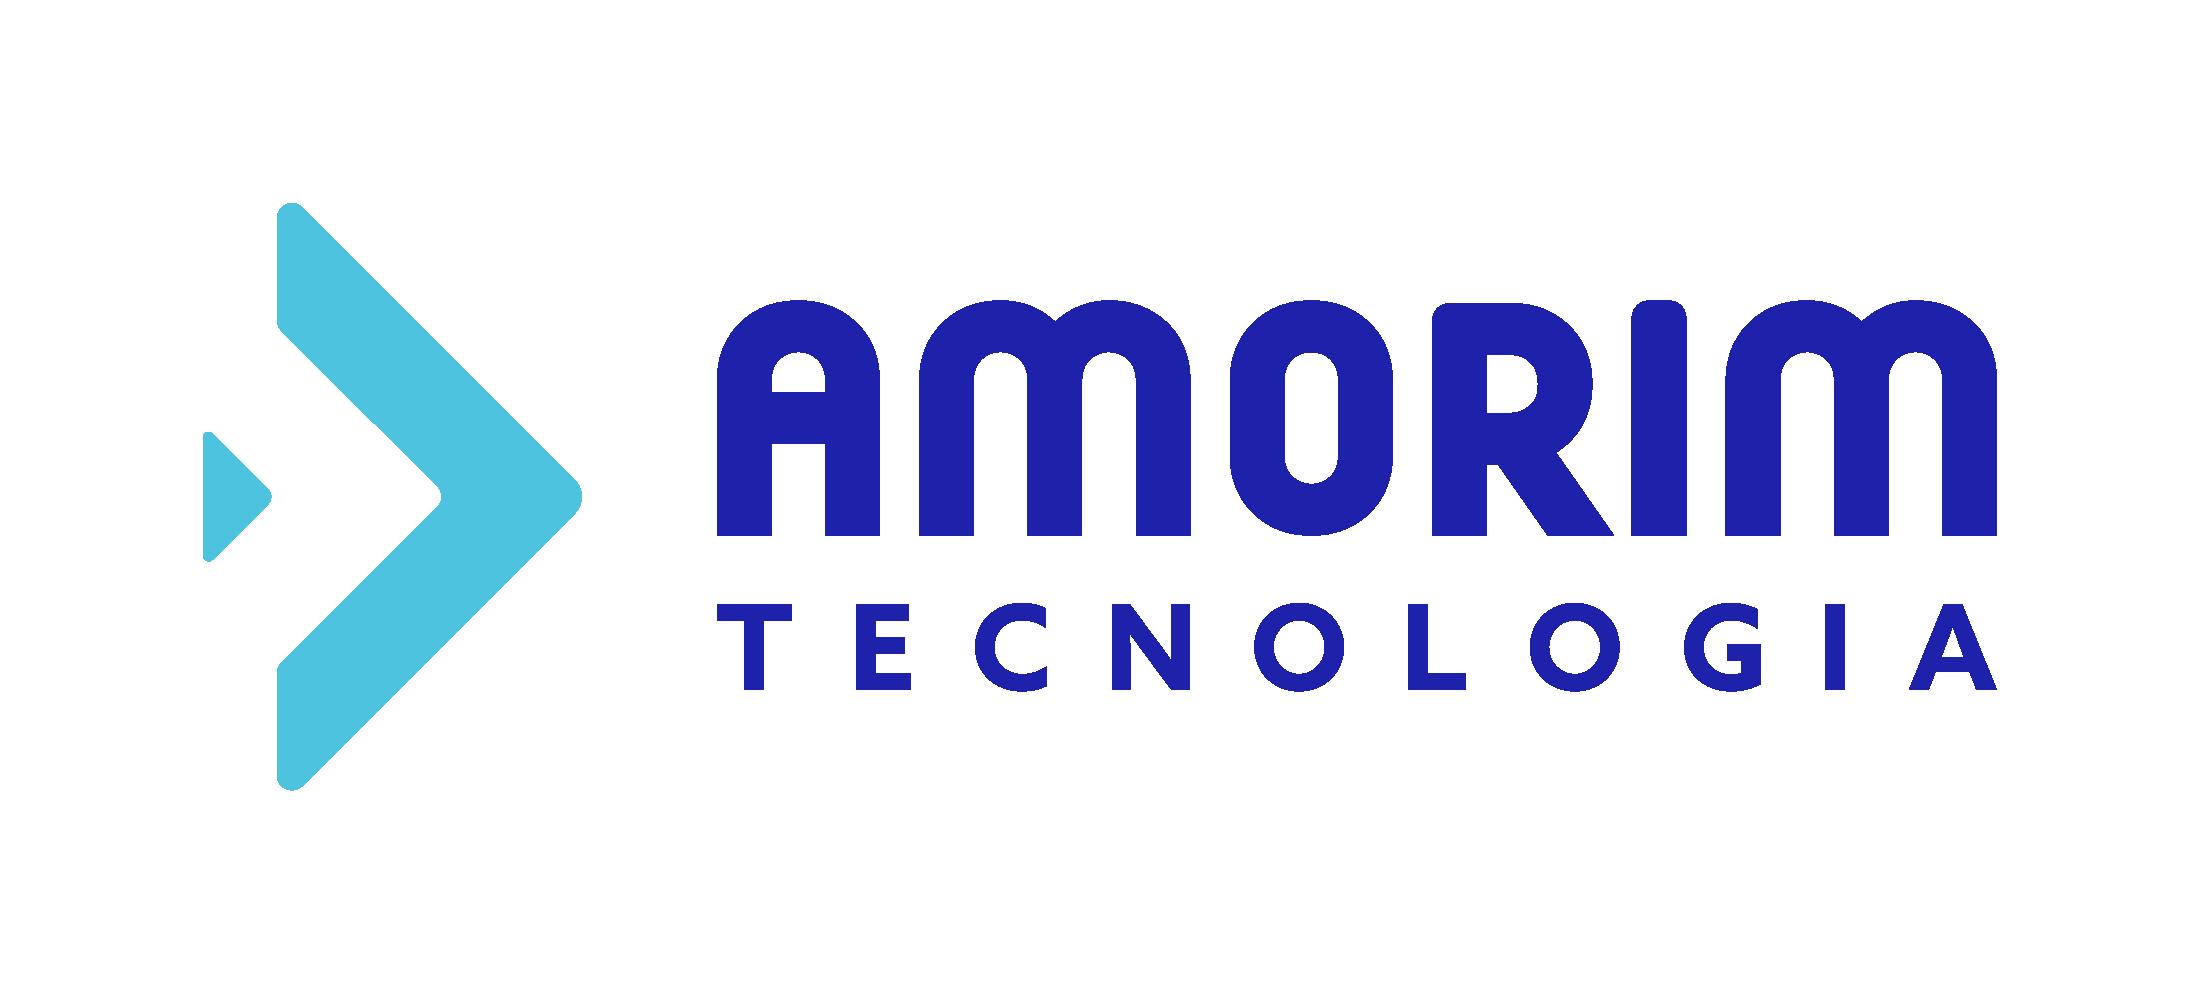 Amorim Tecnologia - A Evolução dos Serviçosd e TI